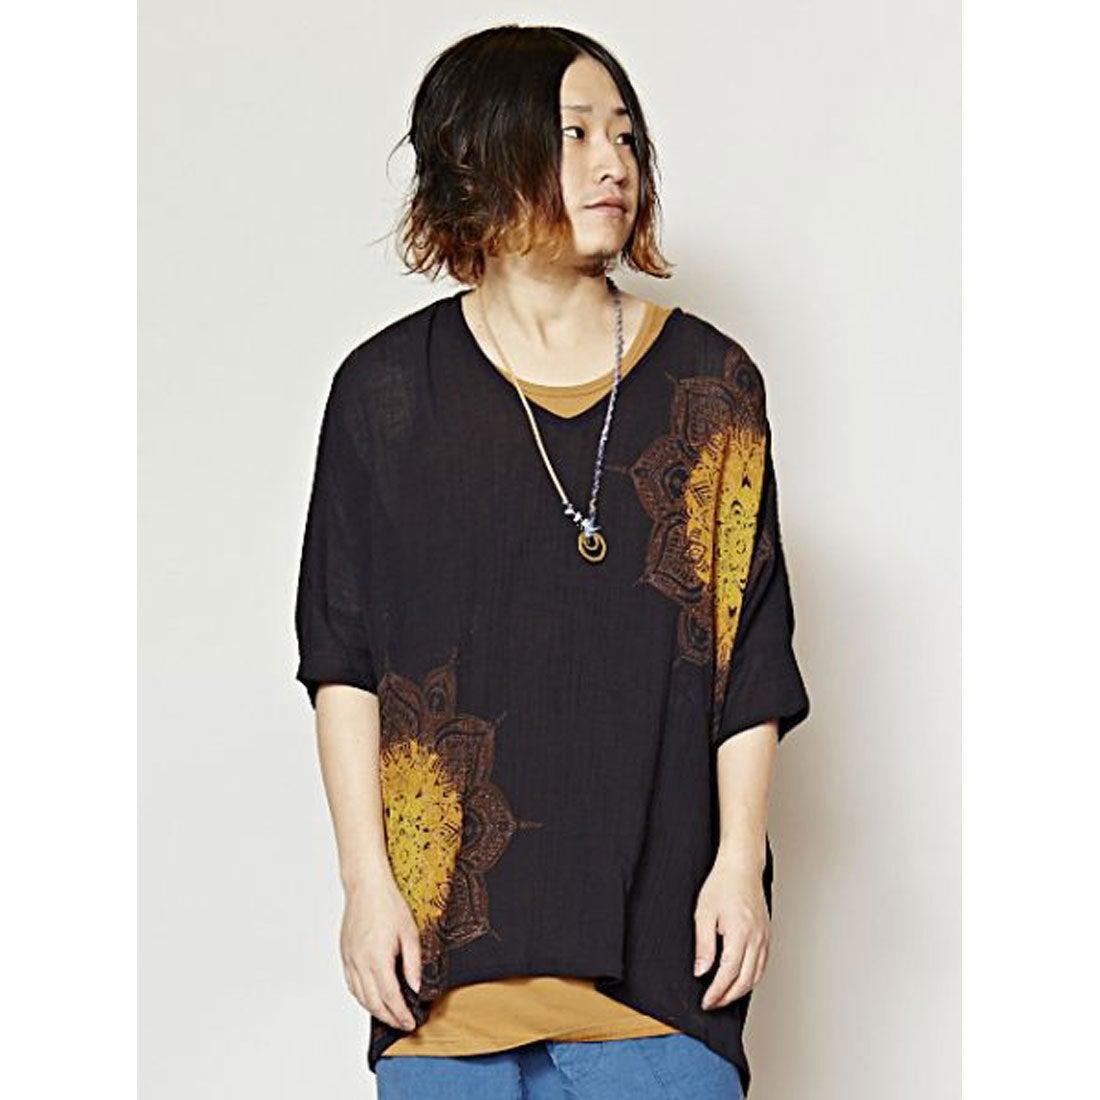 【チャイハネ】yul プリントTシャツ&タックトップセット MEN?Sアンサンブル ブラック